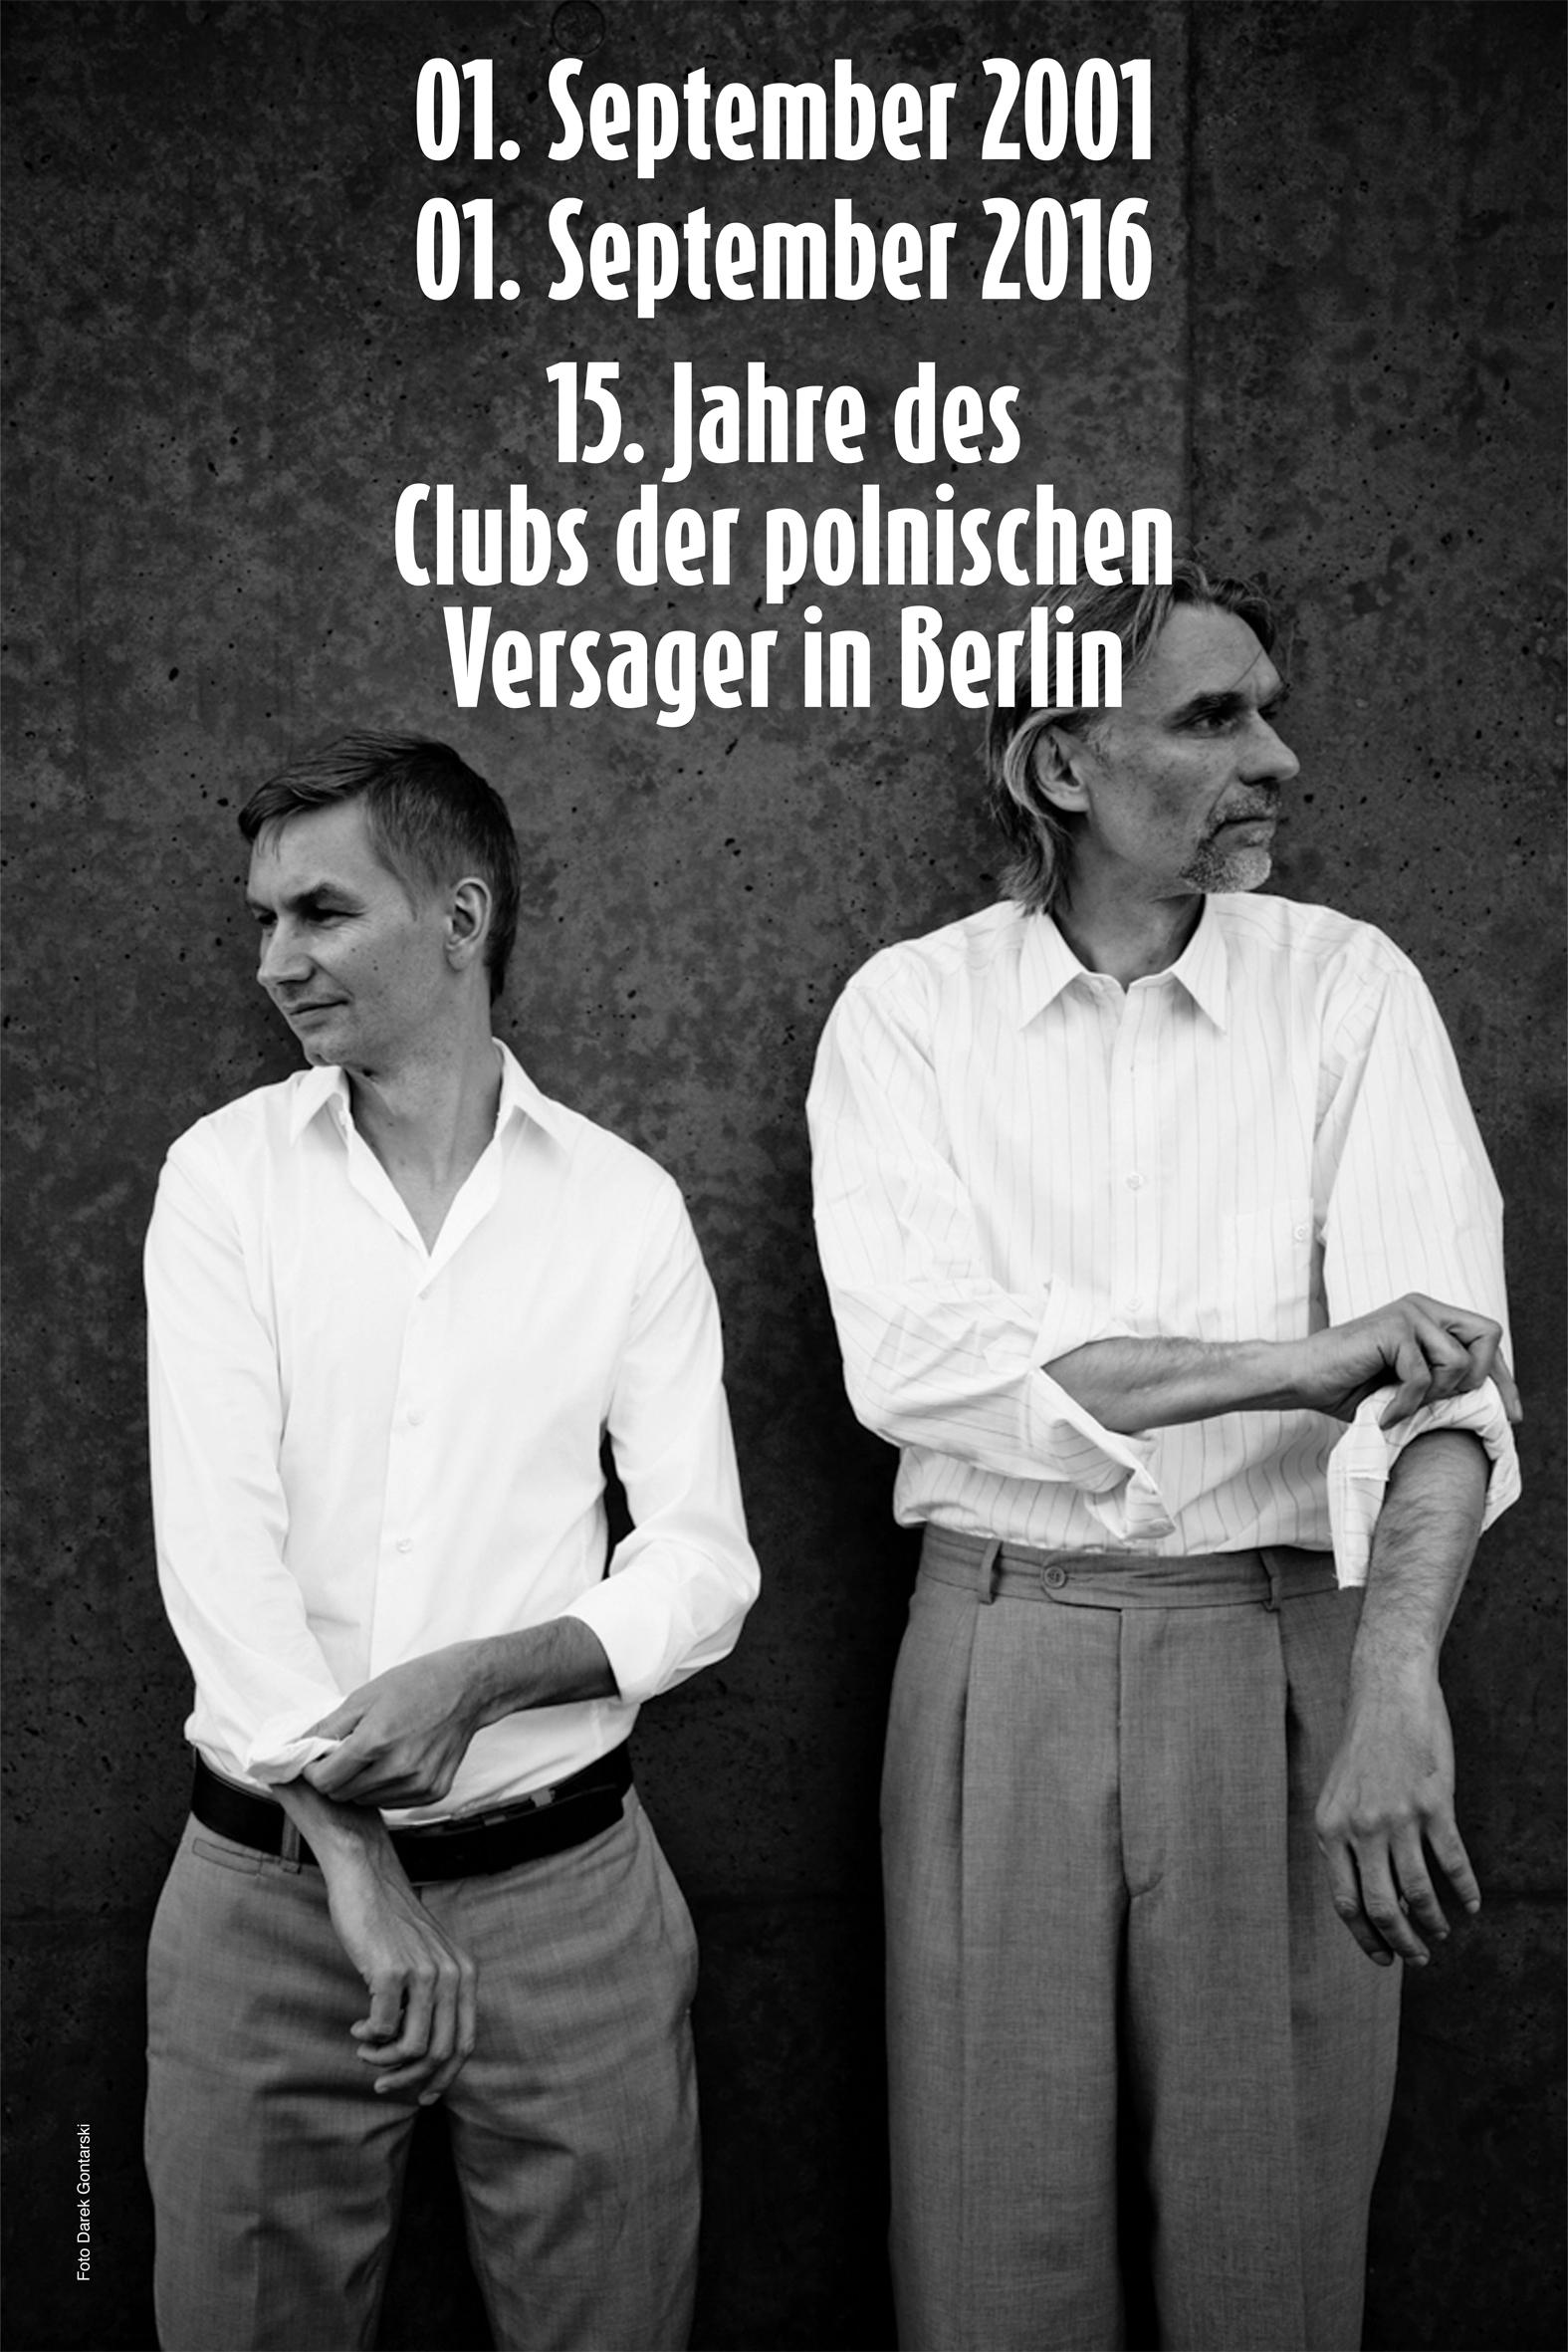 2001 - 2016: 15 Jahre des Clubs der Polnischen Versager in Berlin